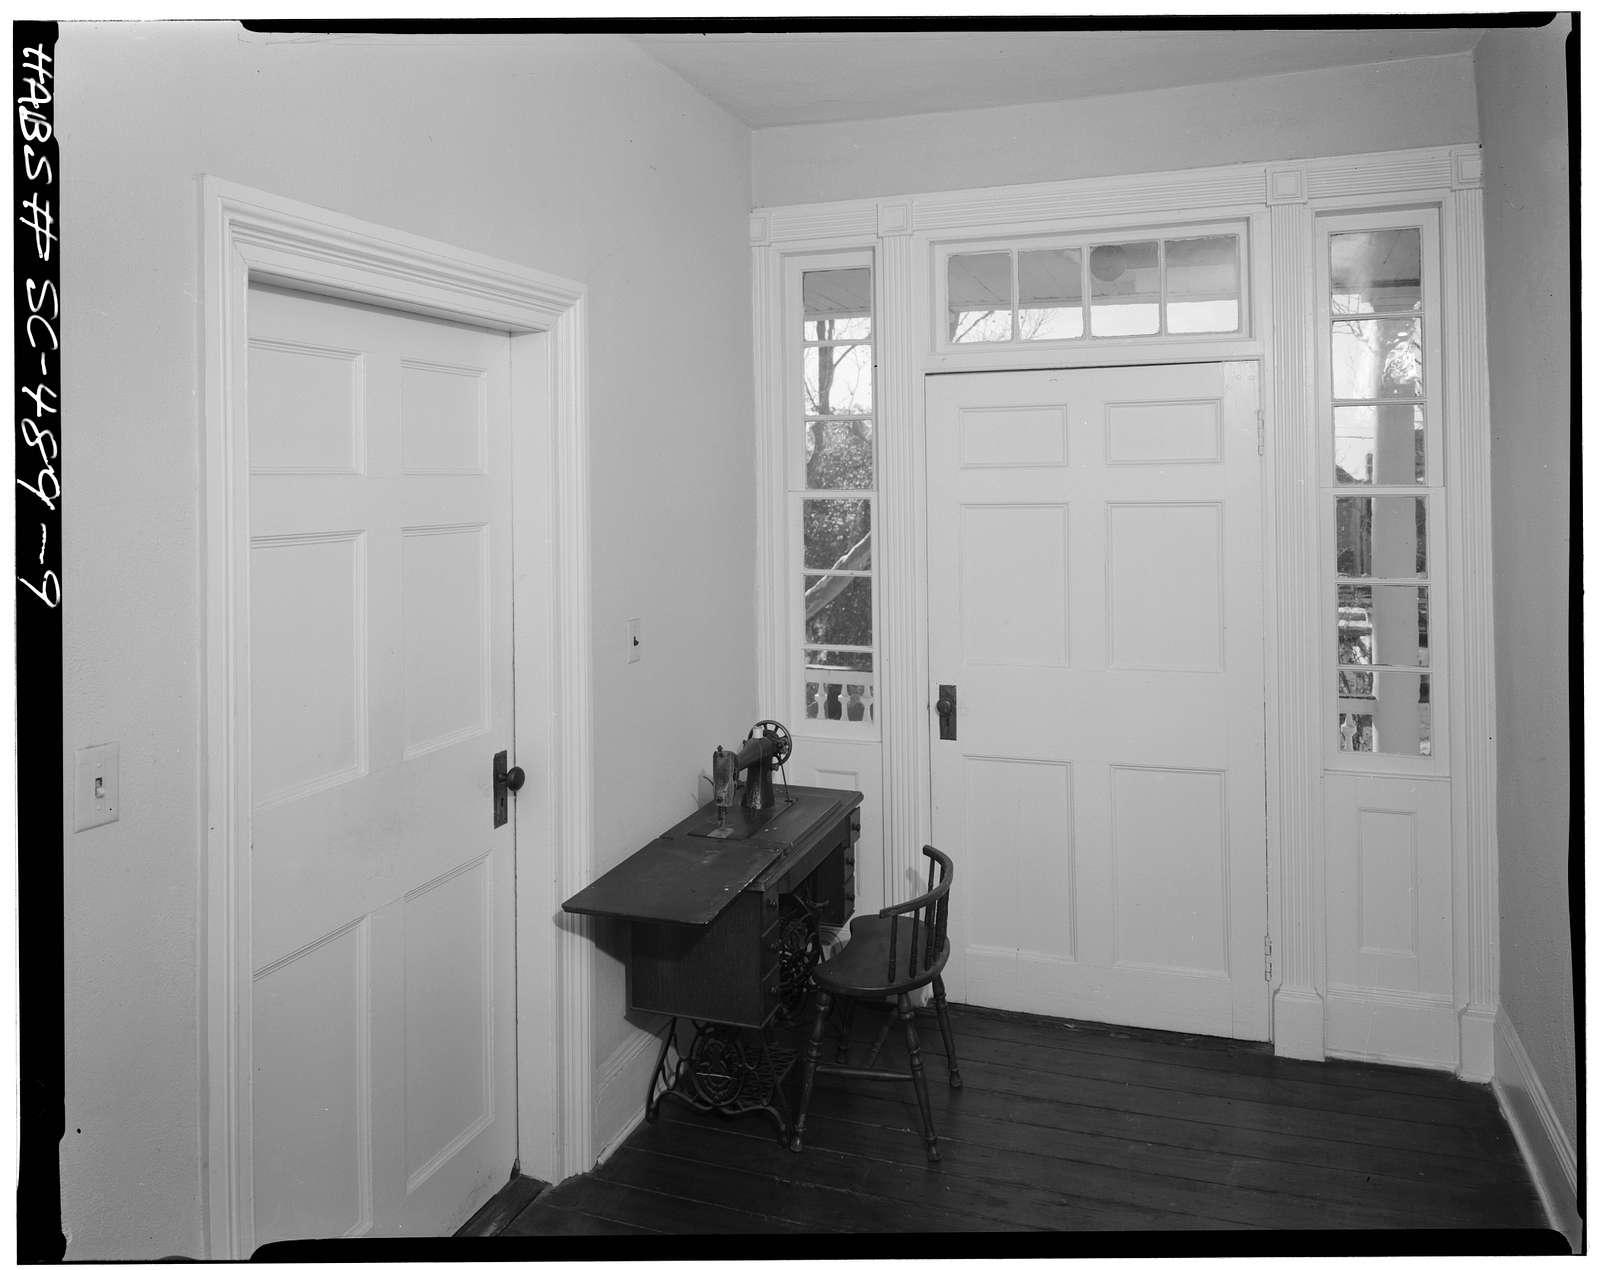 W. J. Jenkins House, 901 Craven Street, Beaufort, Beaufort County, SC